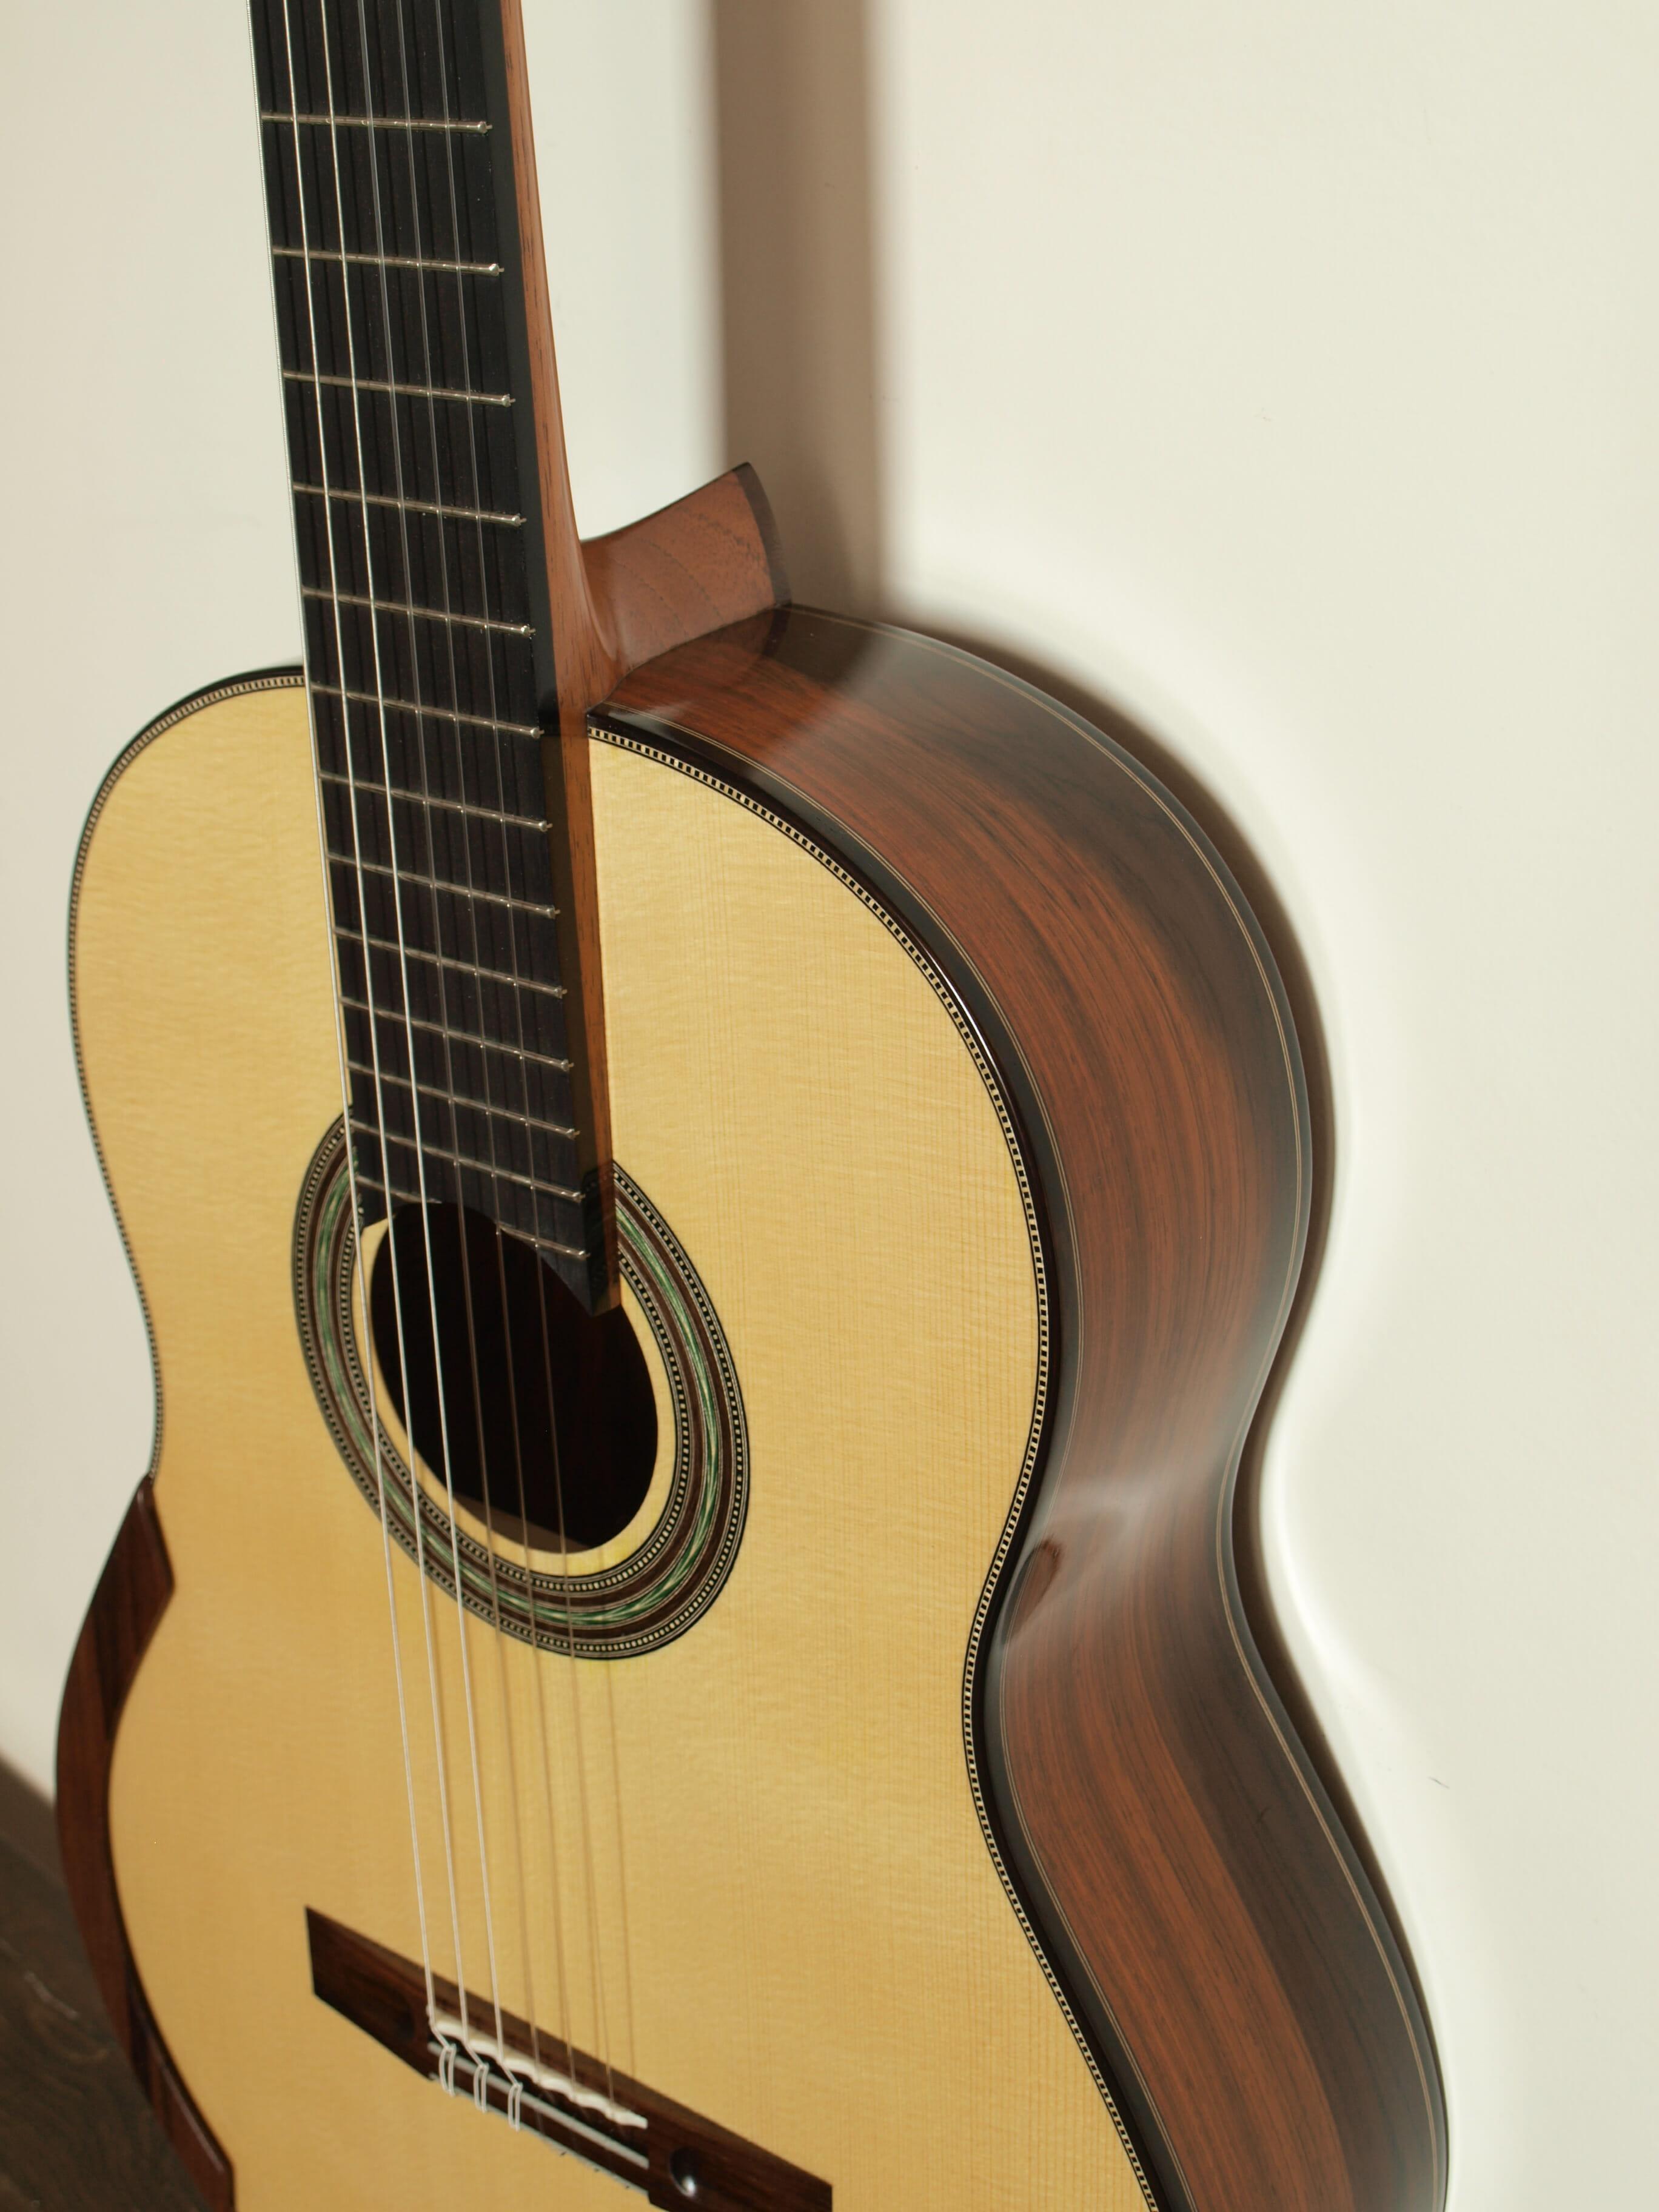 Guitare classique de concert du luthier Stanislaw Partyka 15PAR004 -01